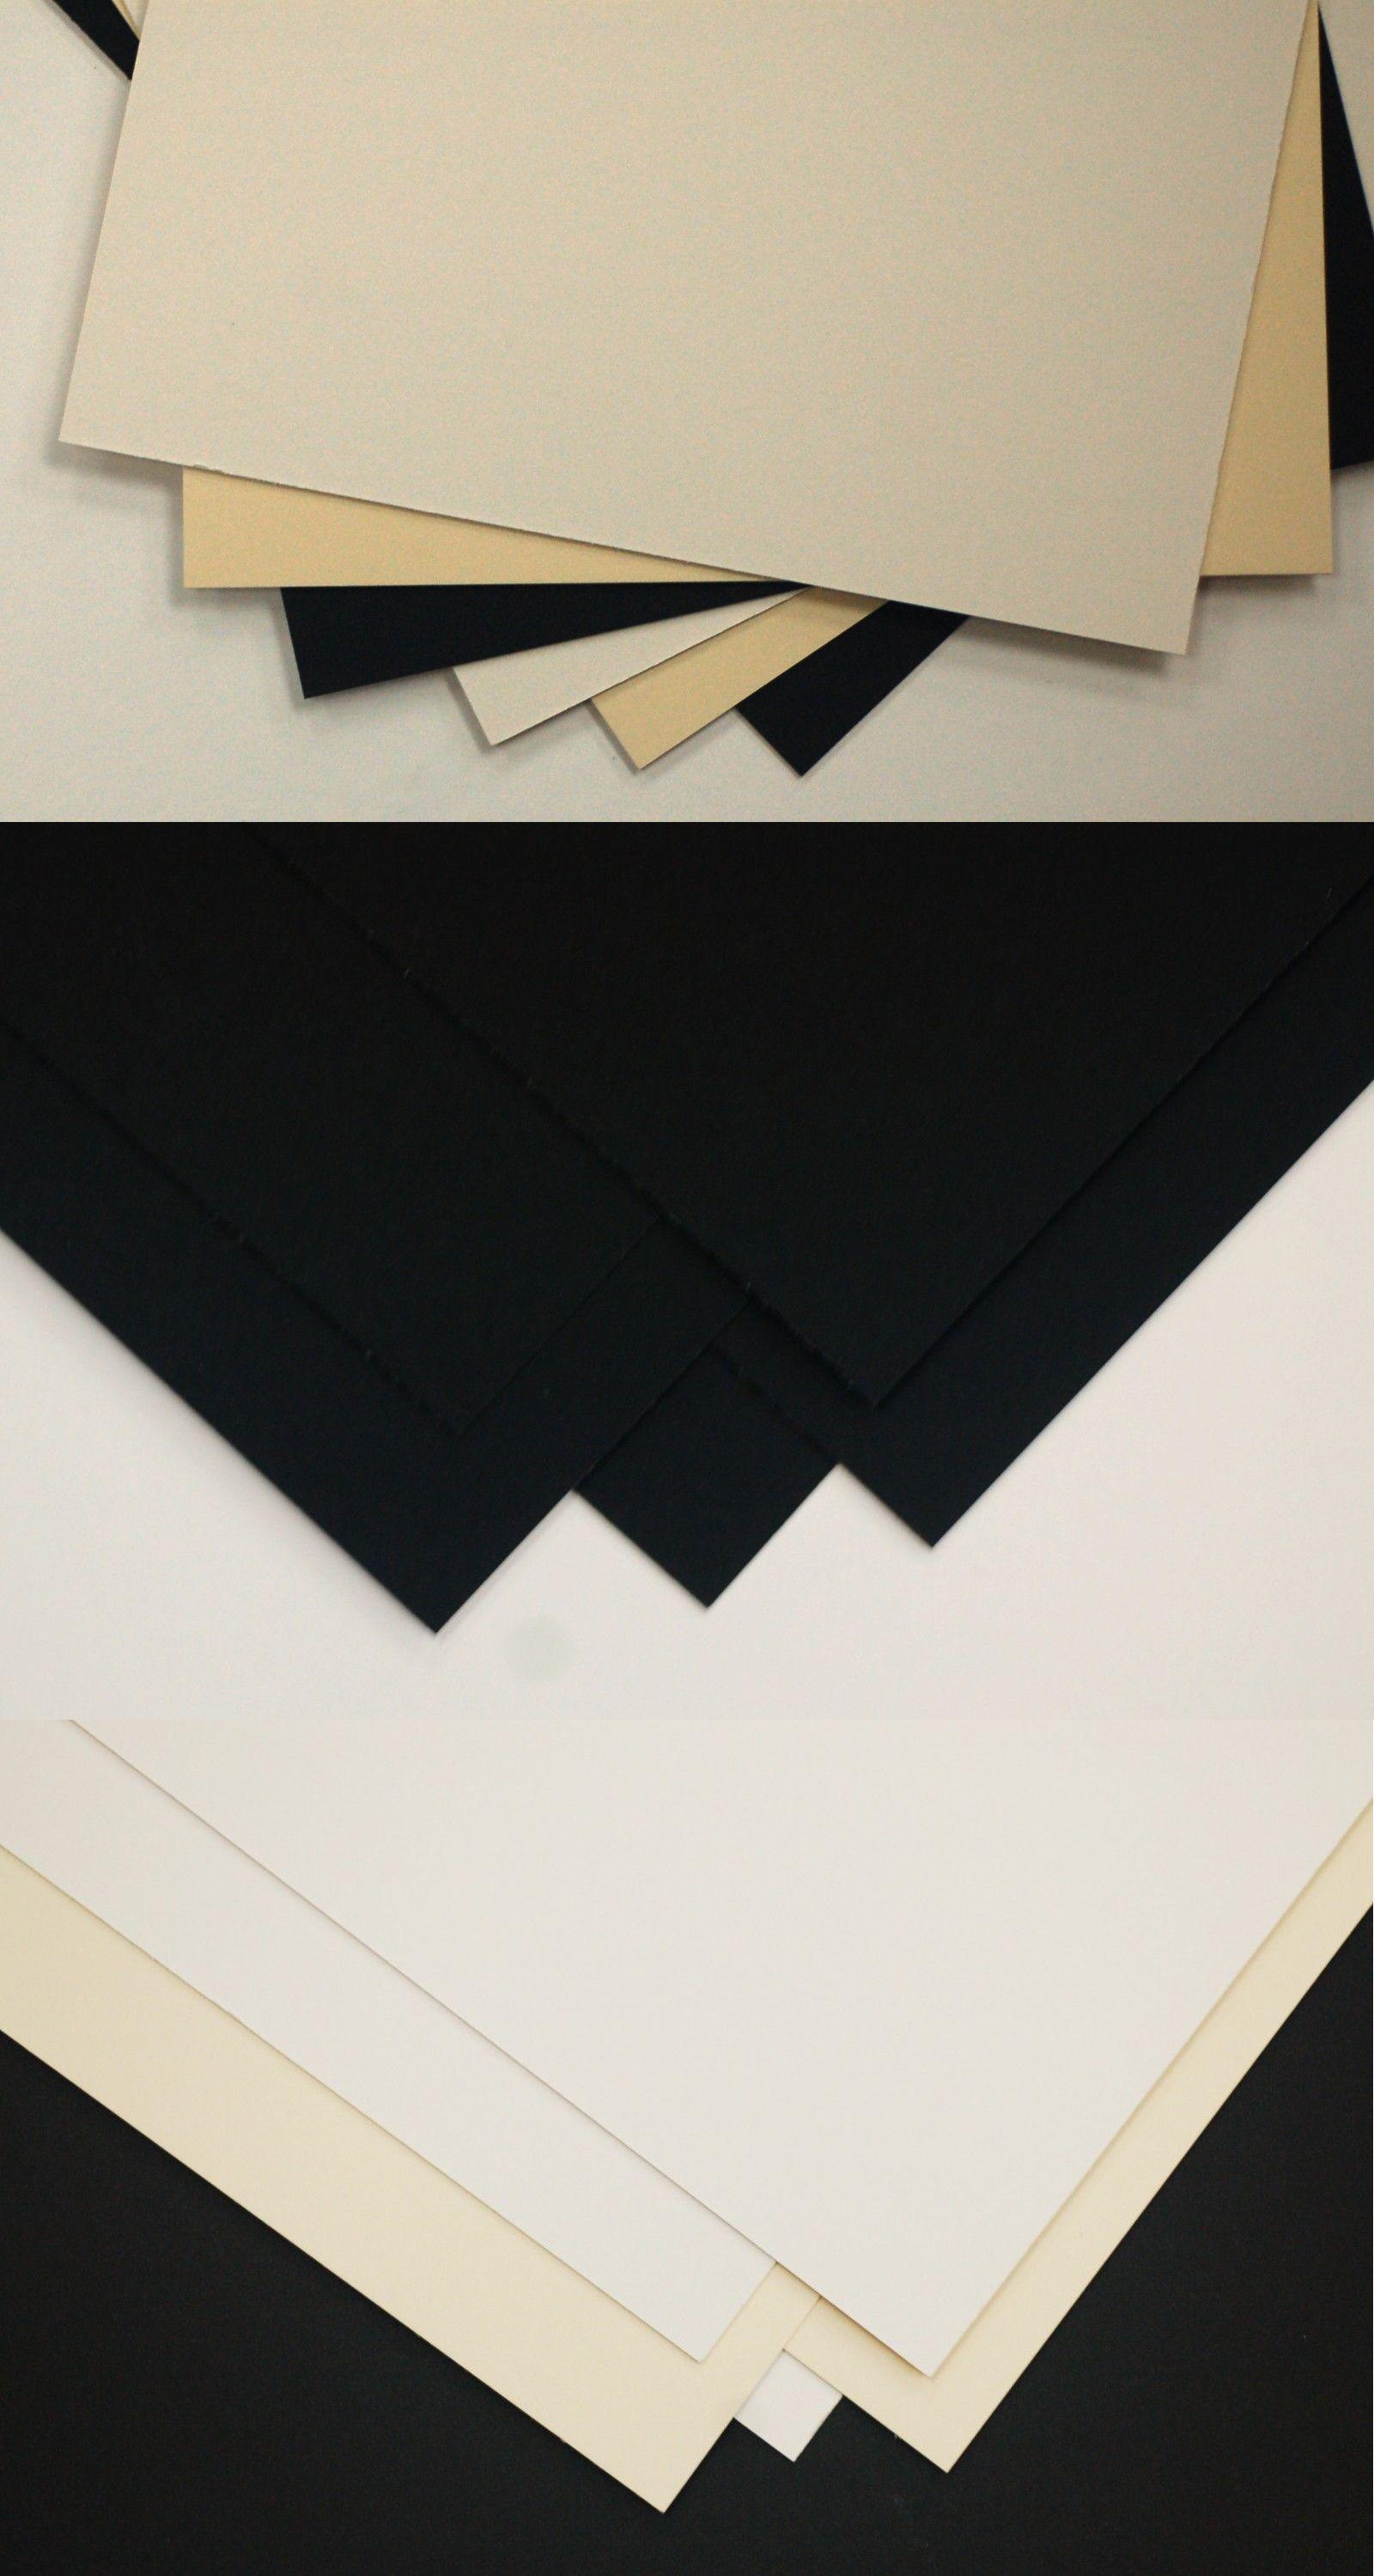 topseller100 Pack of 50 sheets 11x14 UNCUT mat matboard MIX Color